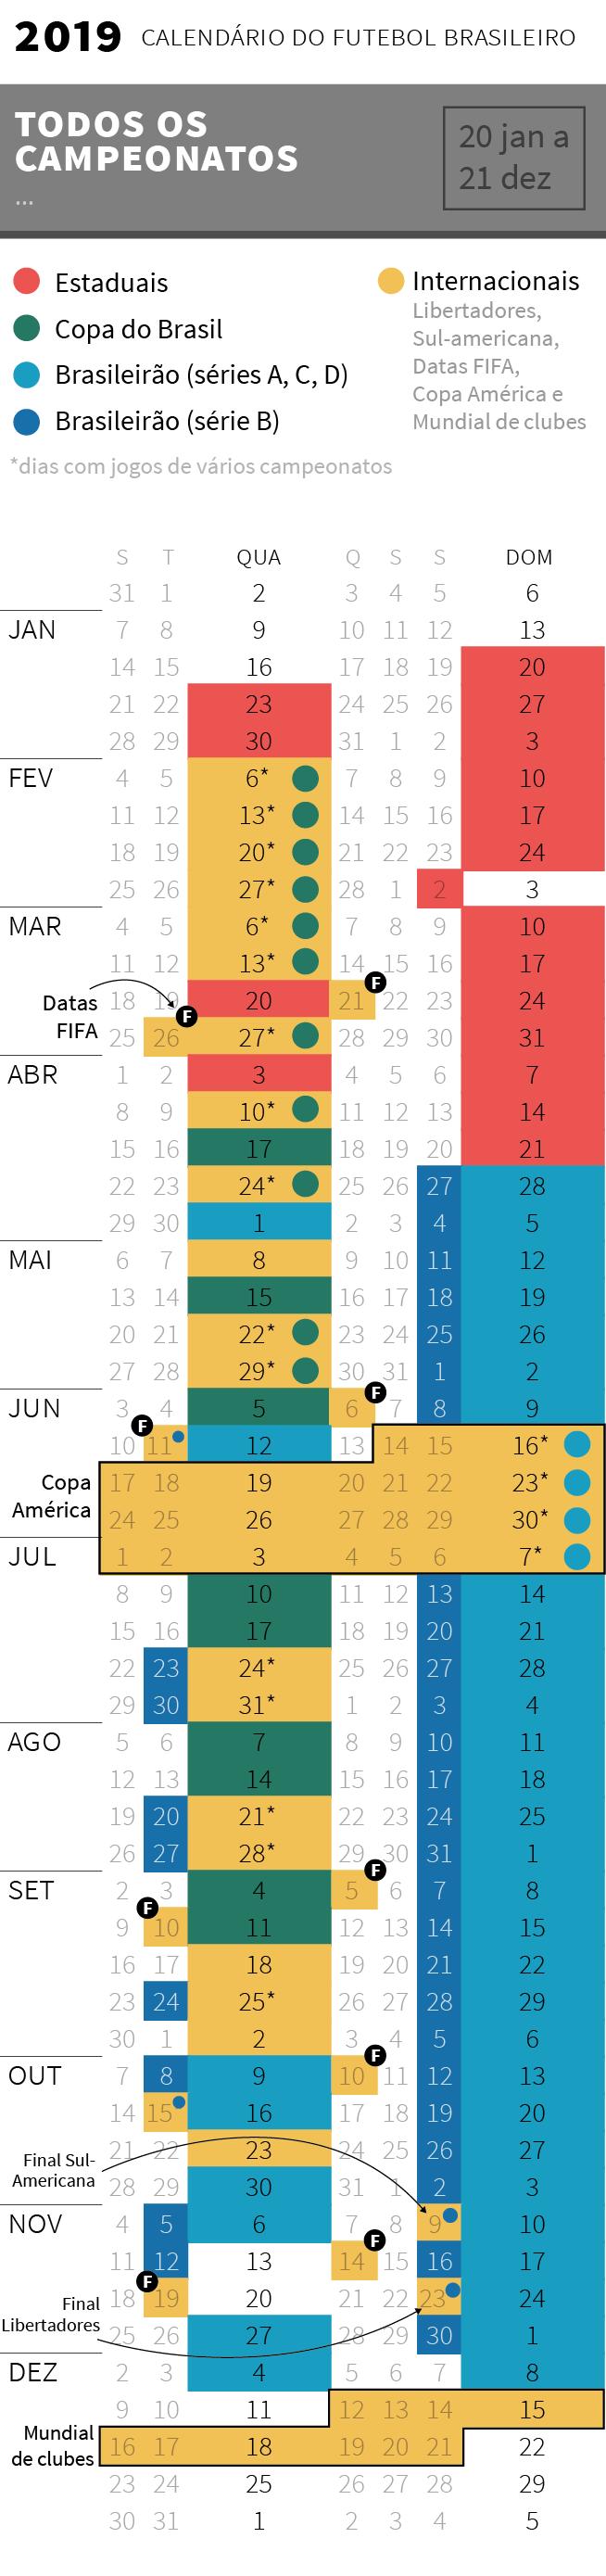 Calendario Serie A 18 19 Pdf.Calendario Do Futebol Brasileiro 2019 Gazeta Do Povo